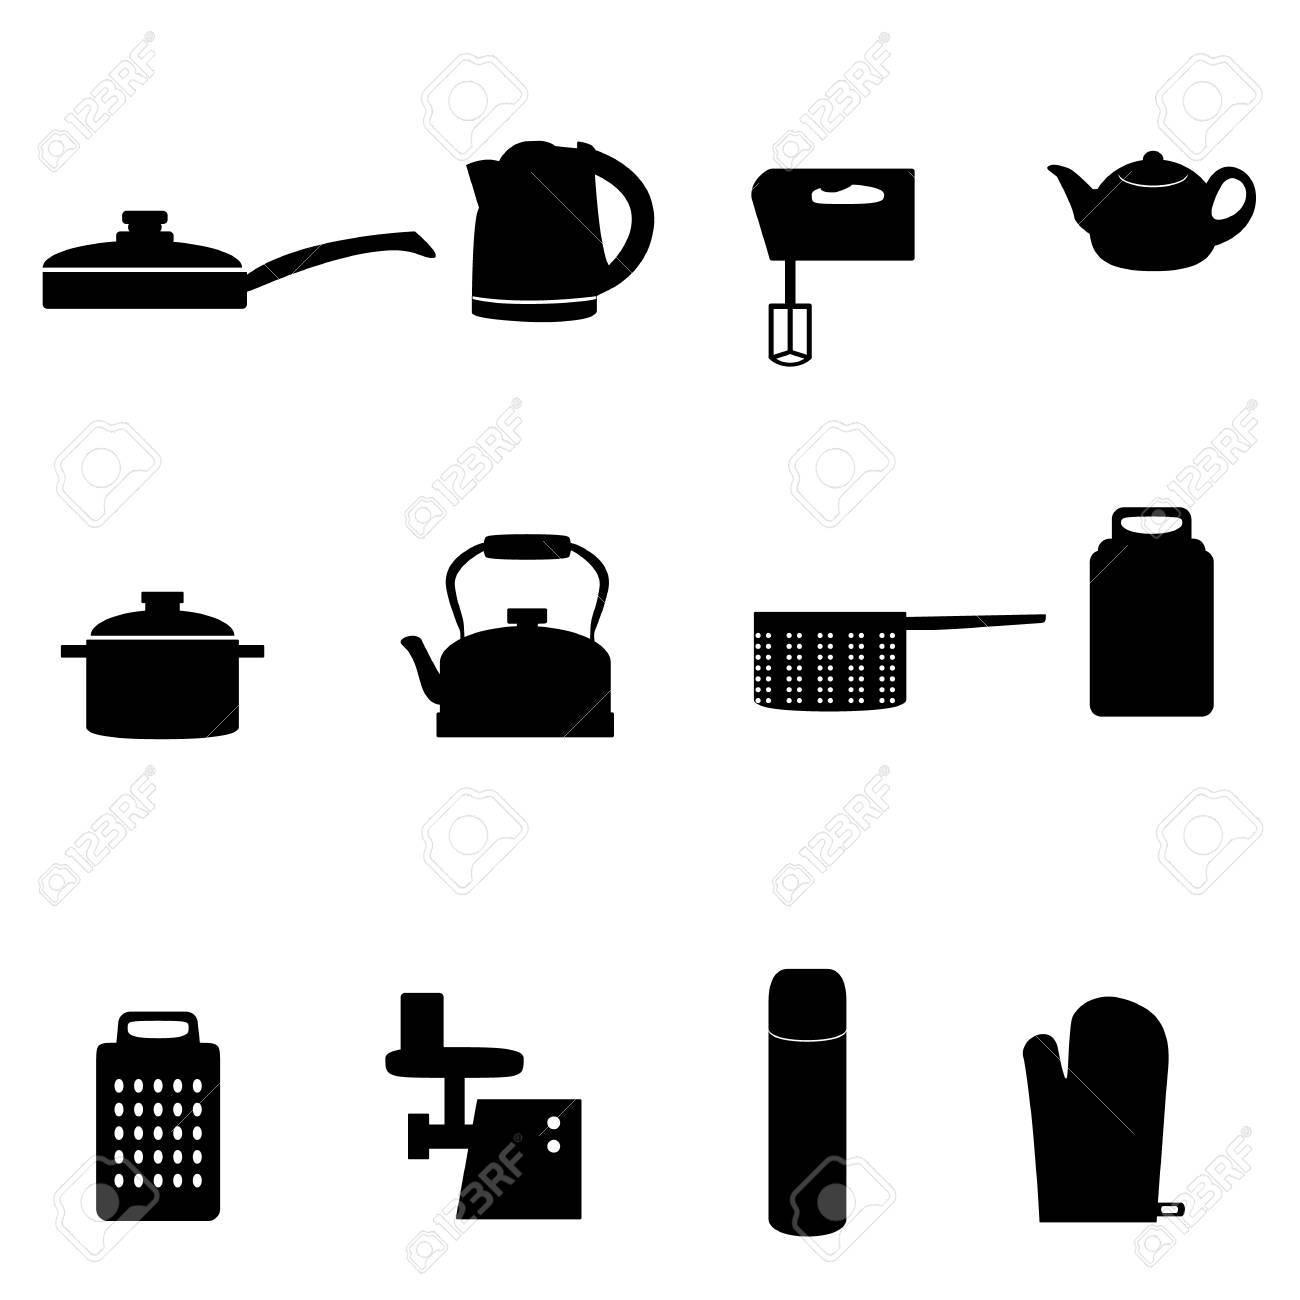 Uncategorized Different Kitchen Appliances set of icons different types kitchen appliances royalty free stock vector 24903594